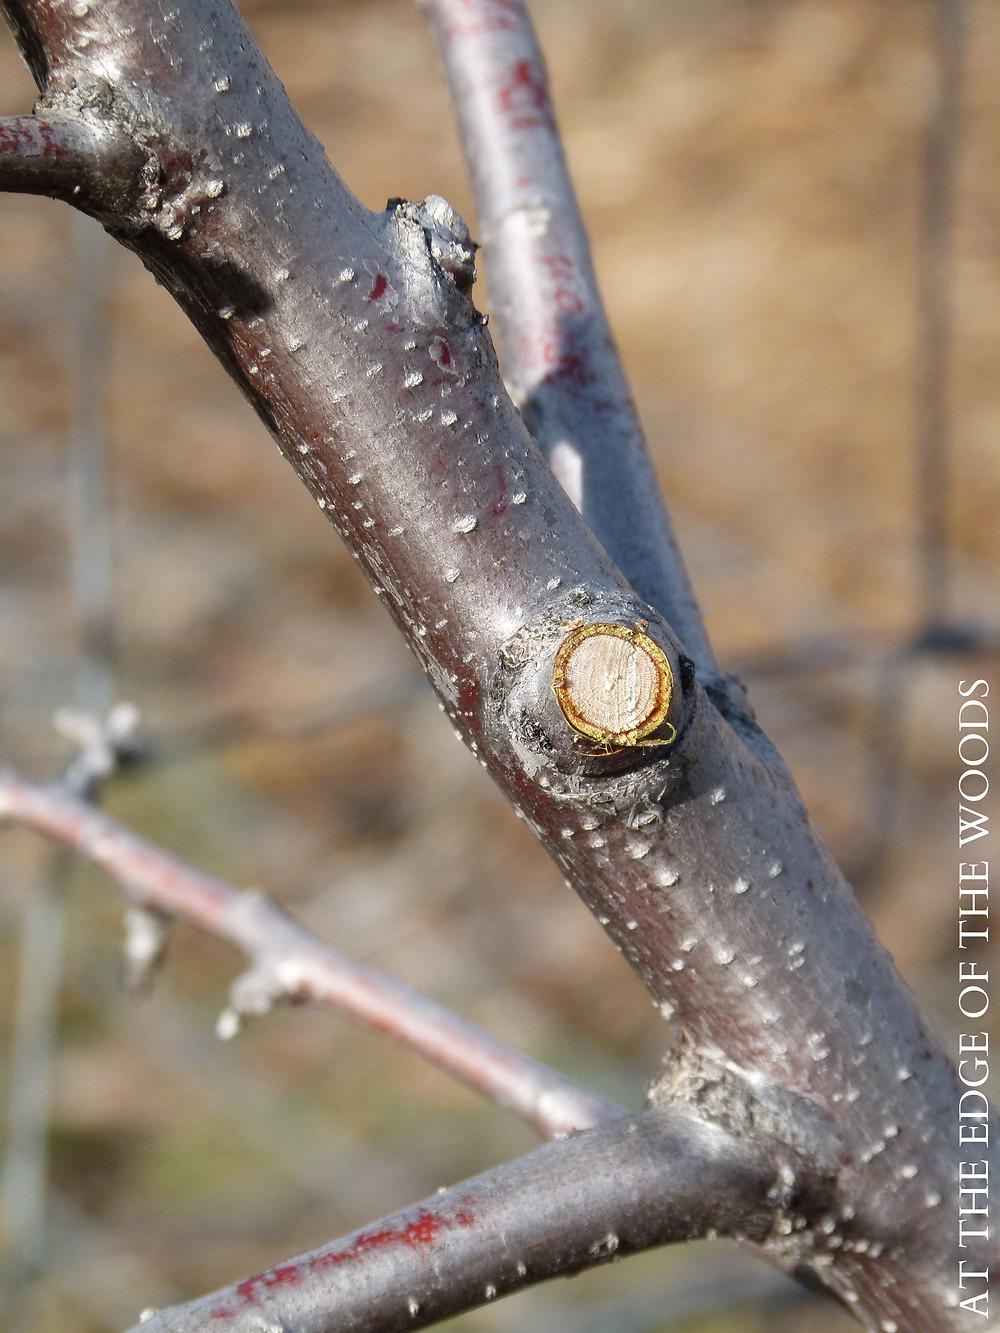 a fresh pruning cut on a plum tree